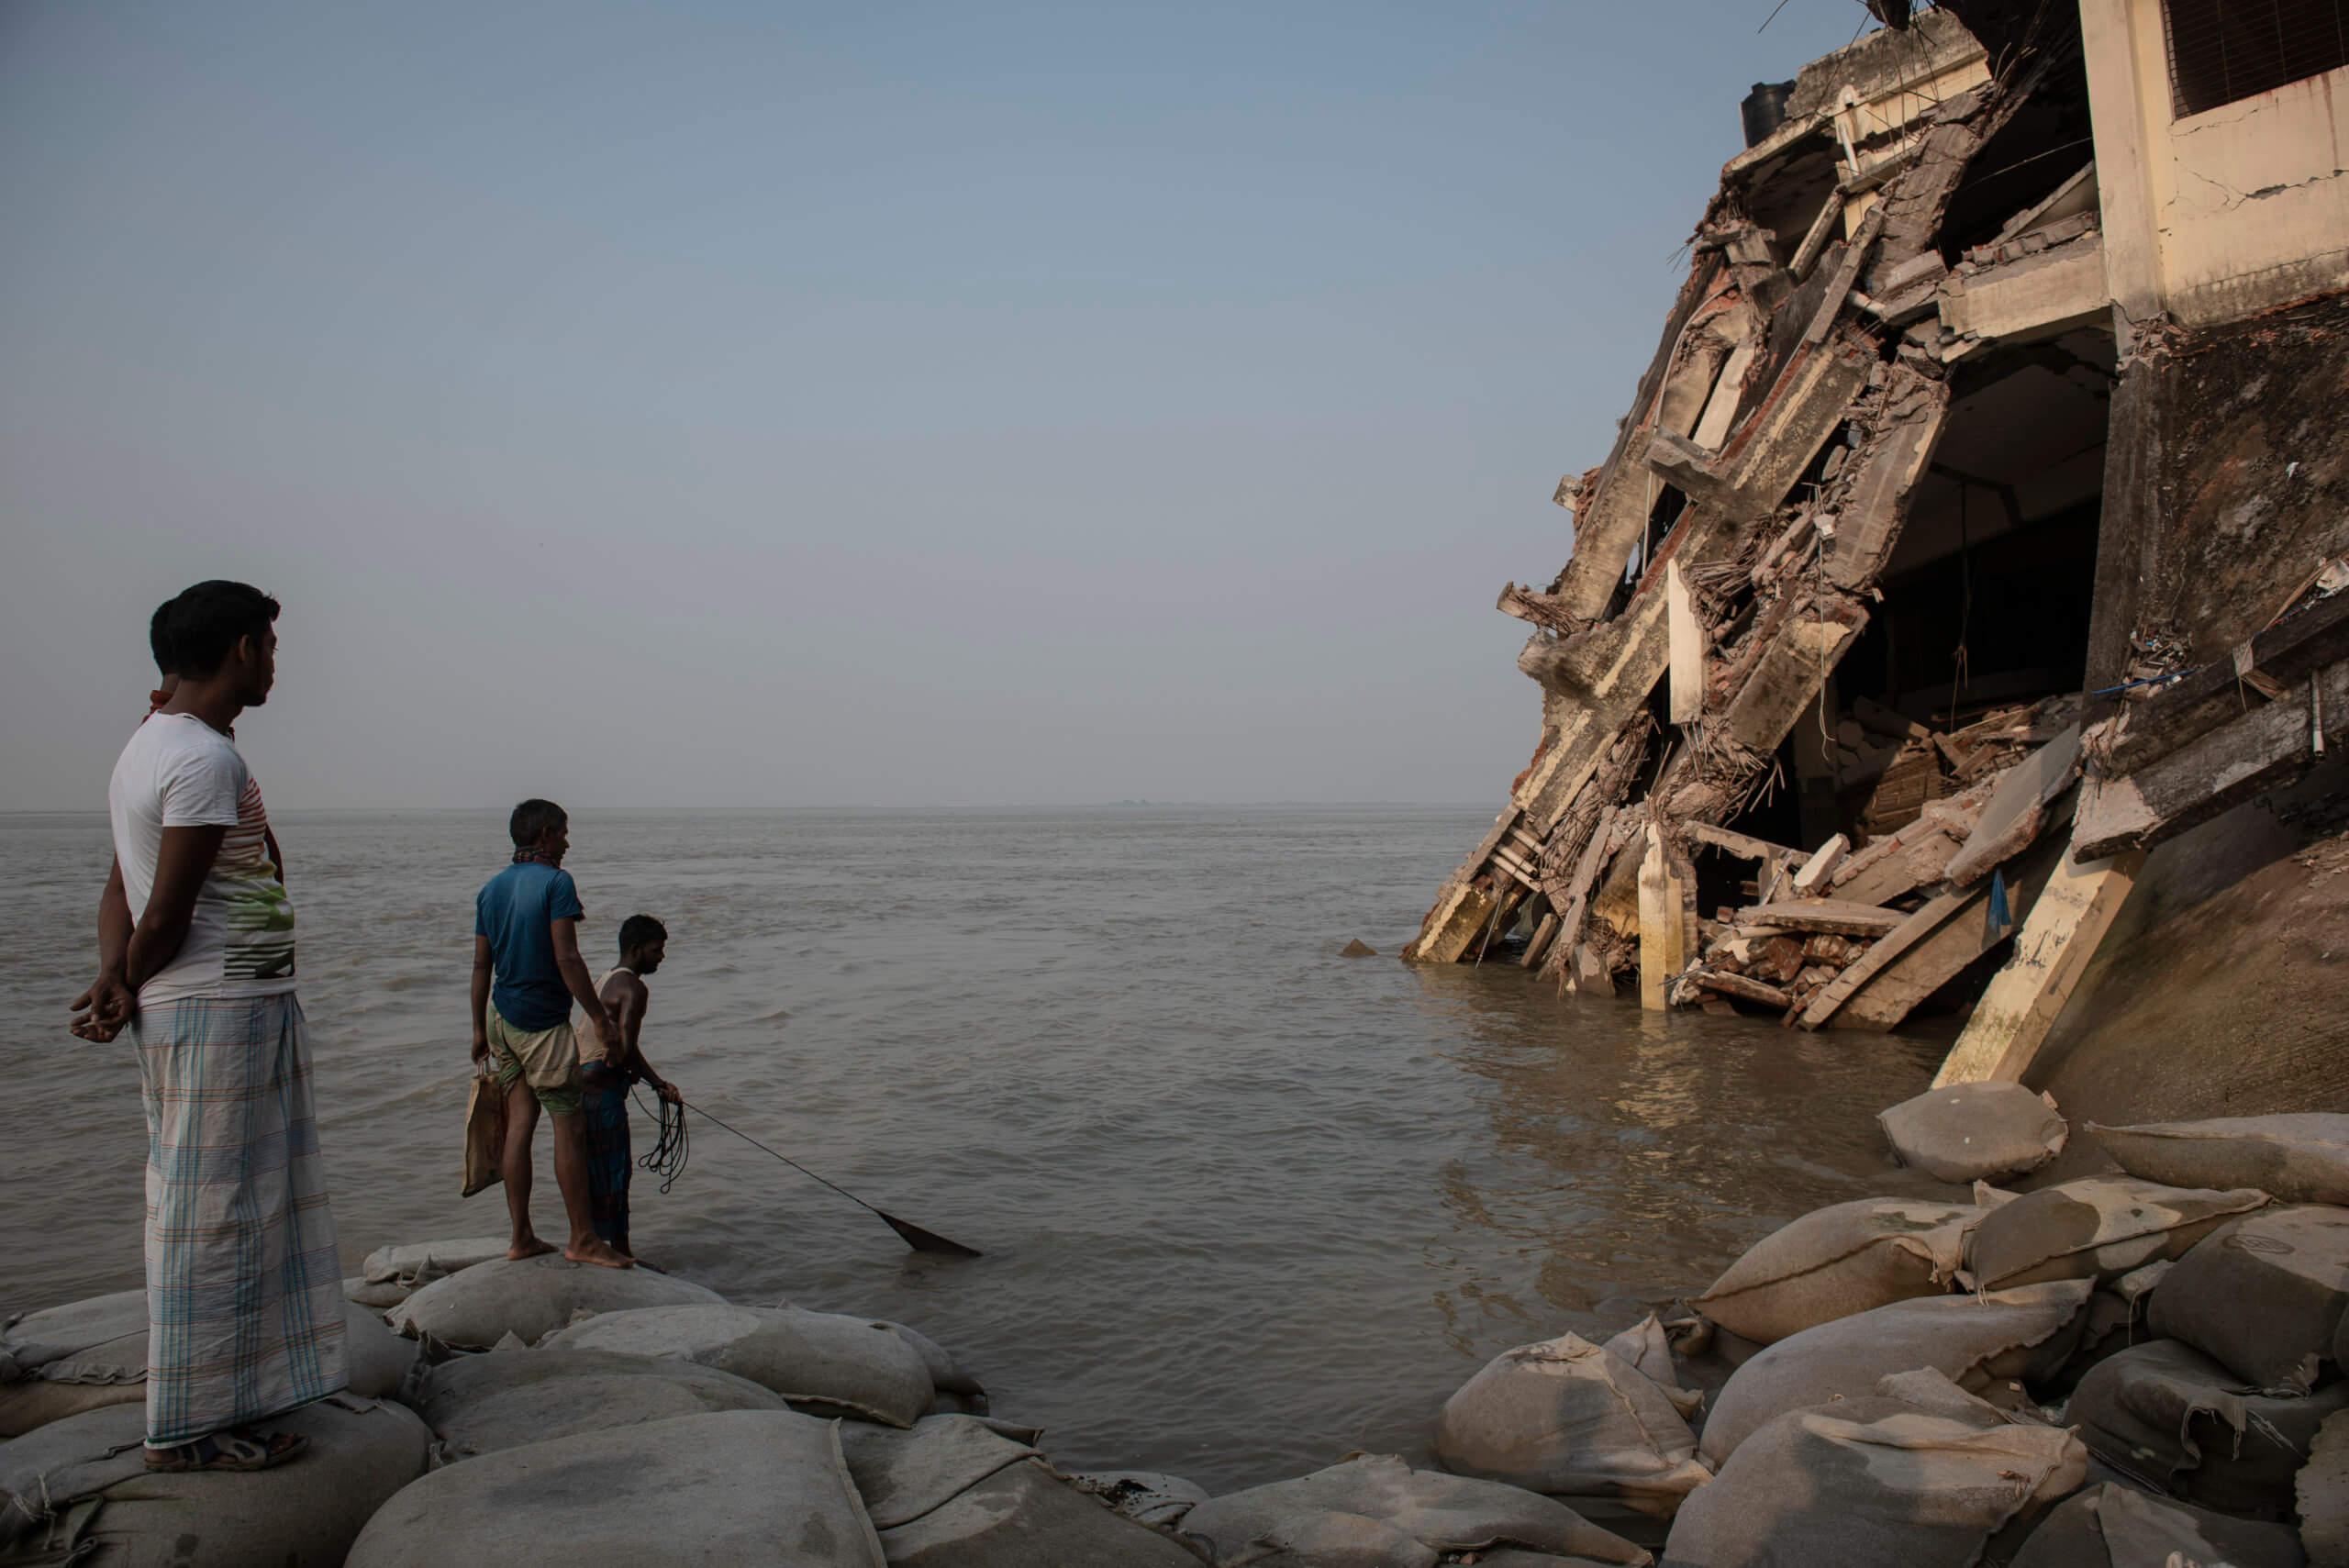 Några män fiskar i Padma-floden bredvid det nedrasade sjukhuset.